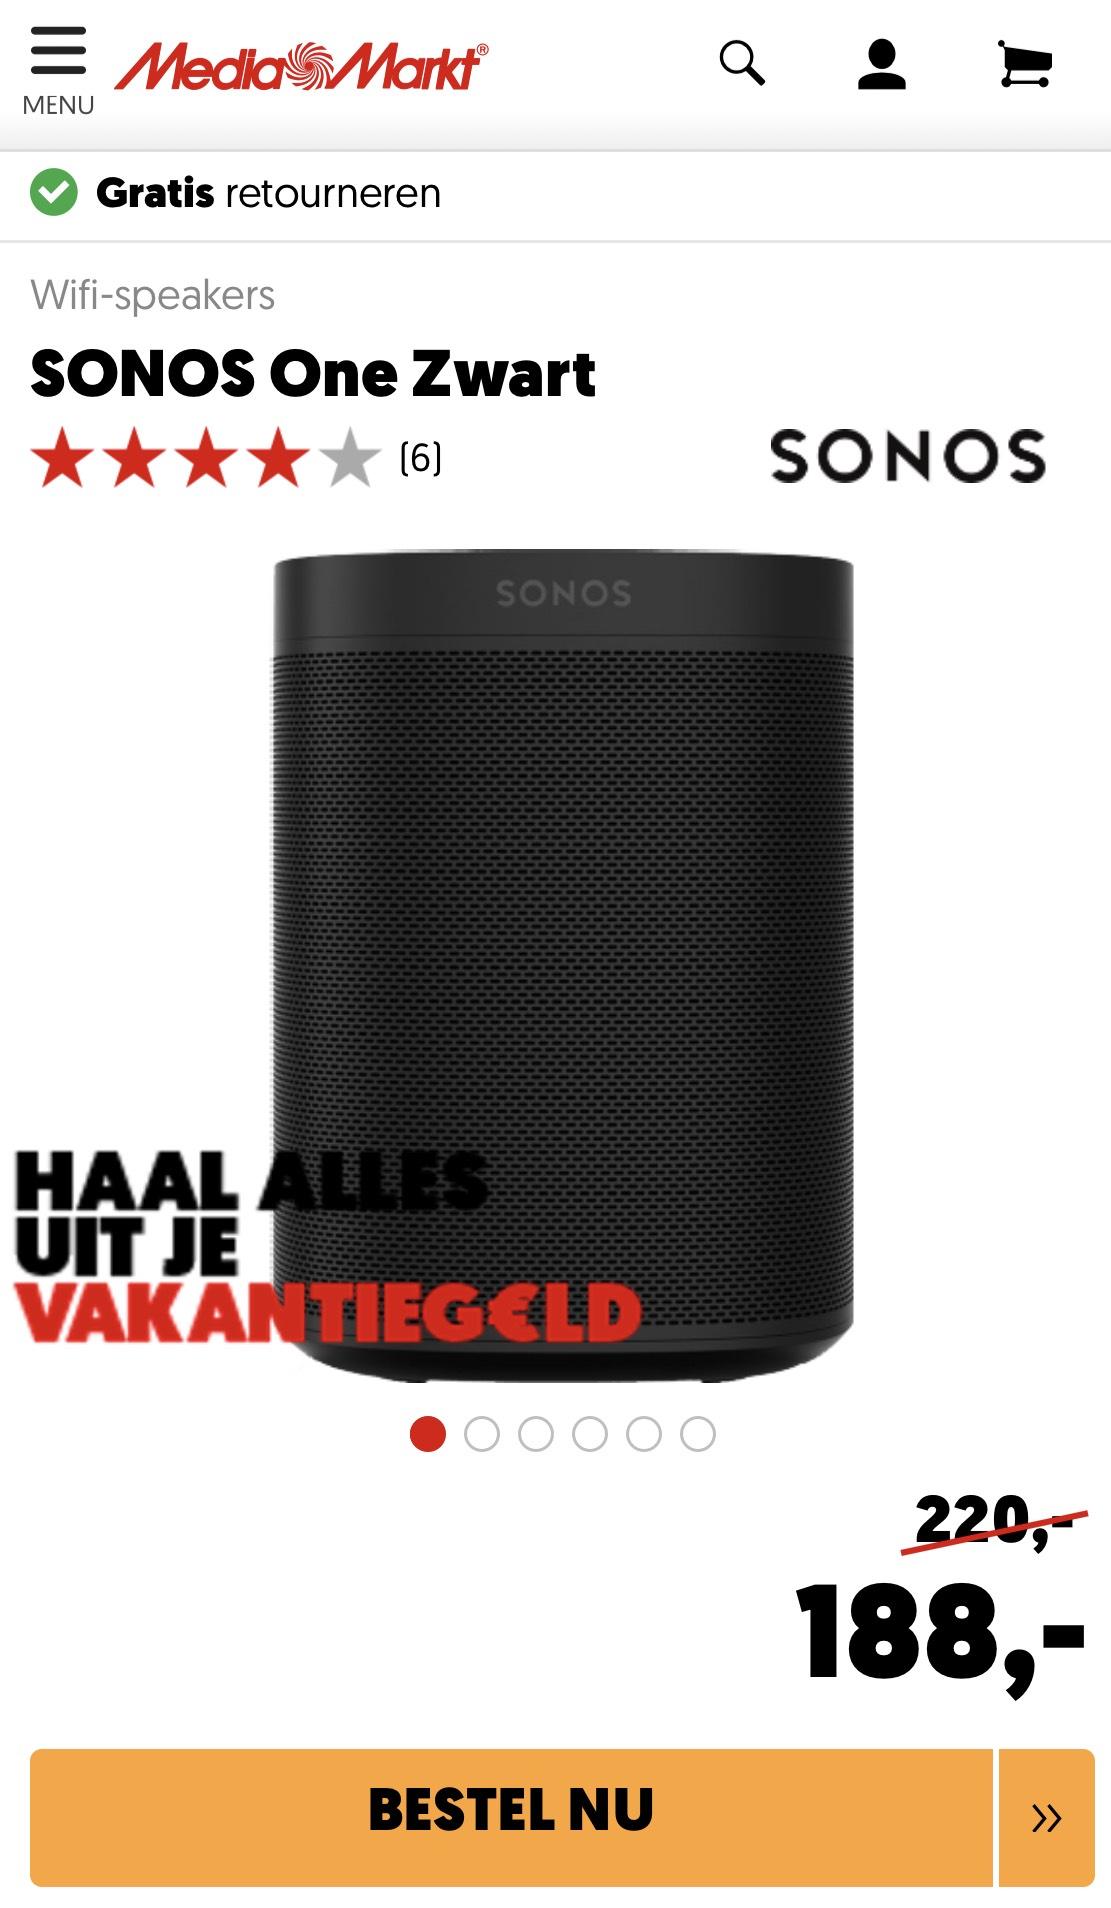 Sonos One / schwarz & weiß / MediaMarkt Niederlande